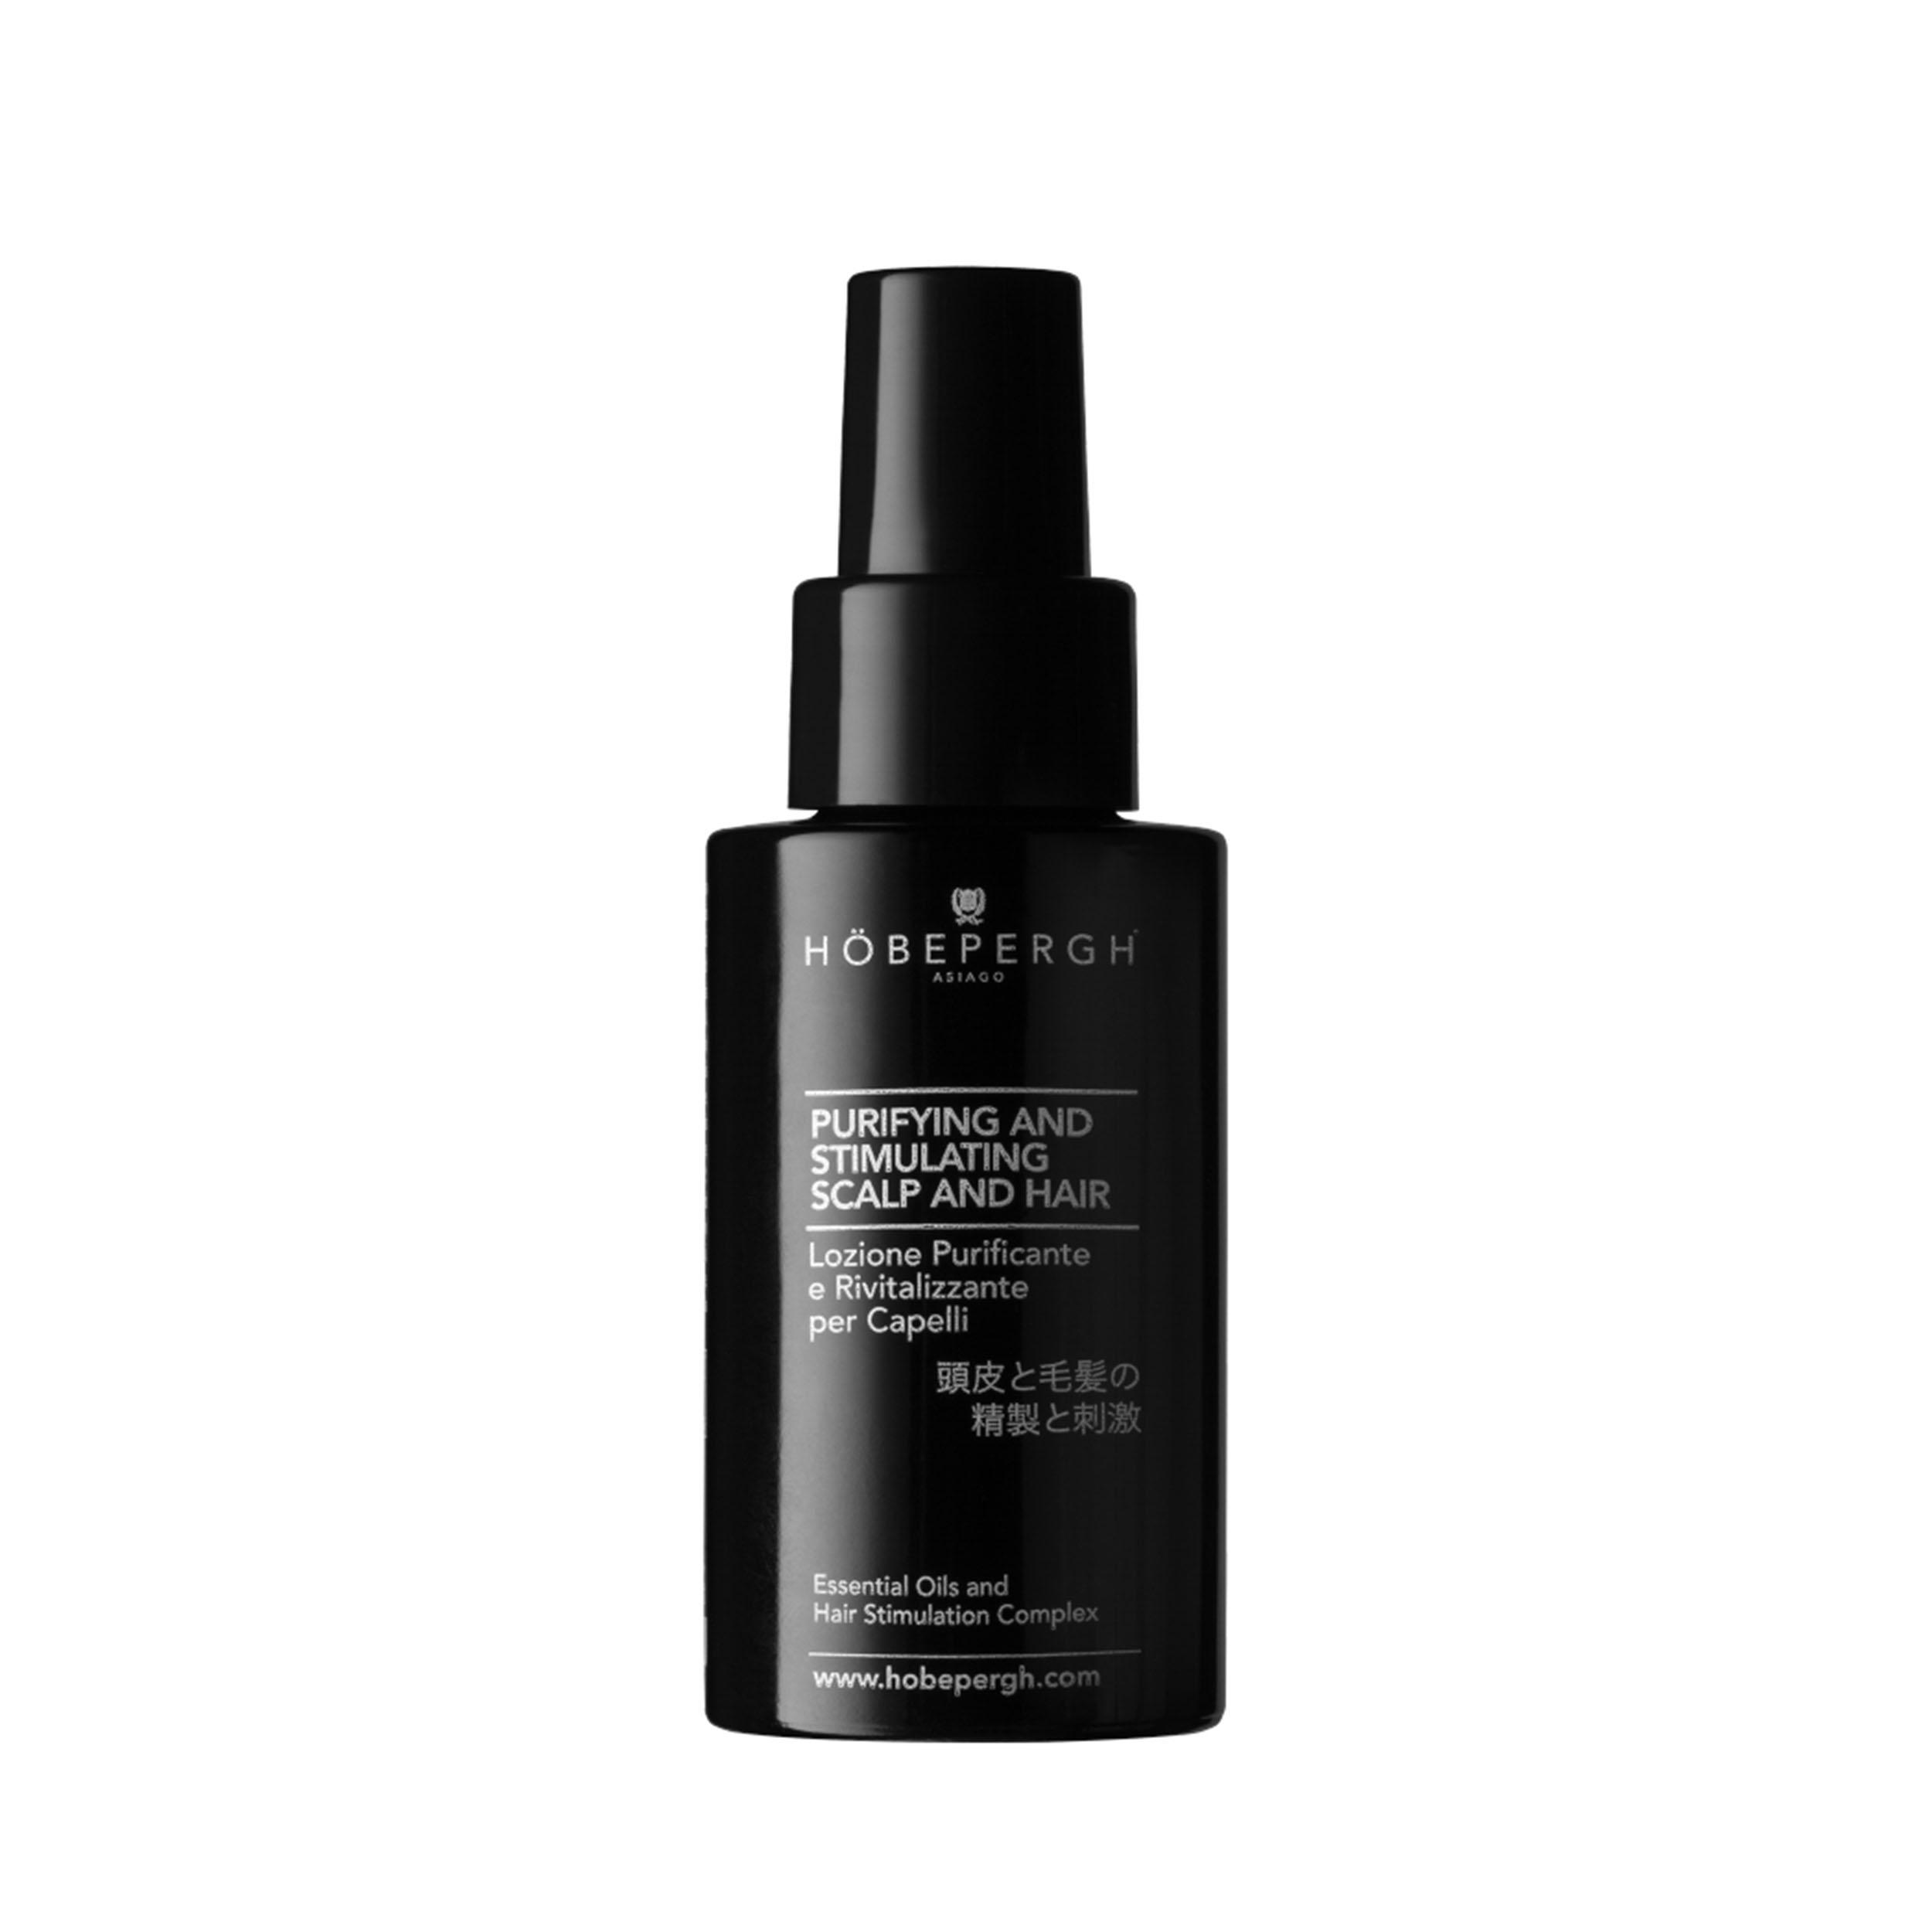 HOBEPERGH Лосьон для кожи головы очищающий и стимулирующий рост волос 50 мл фото